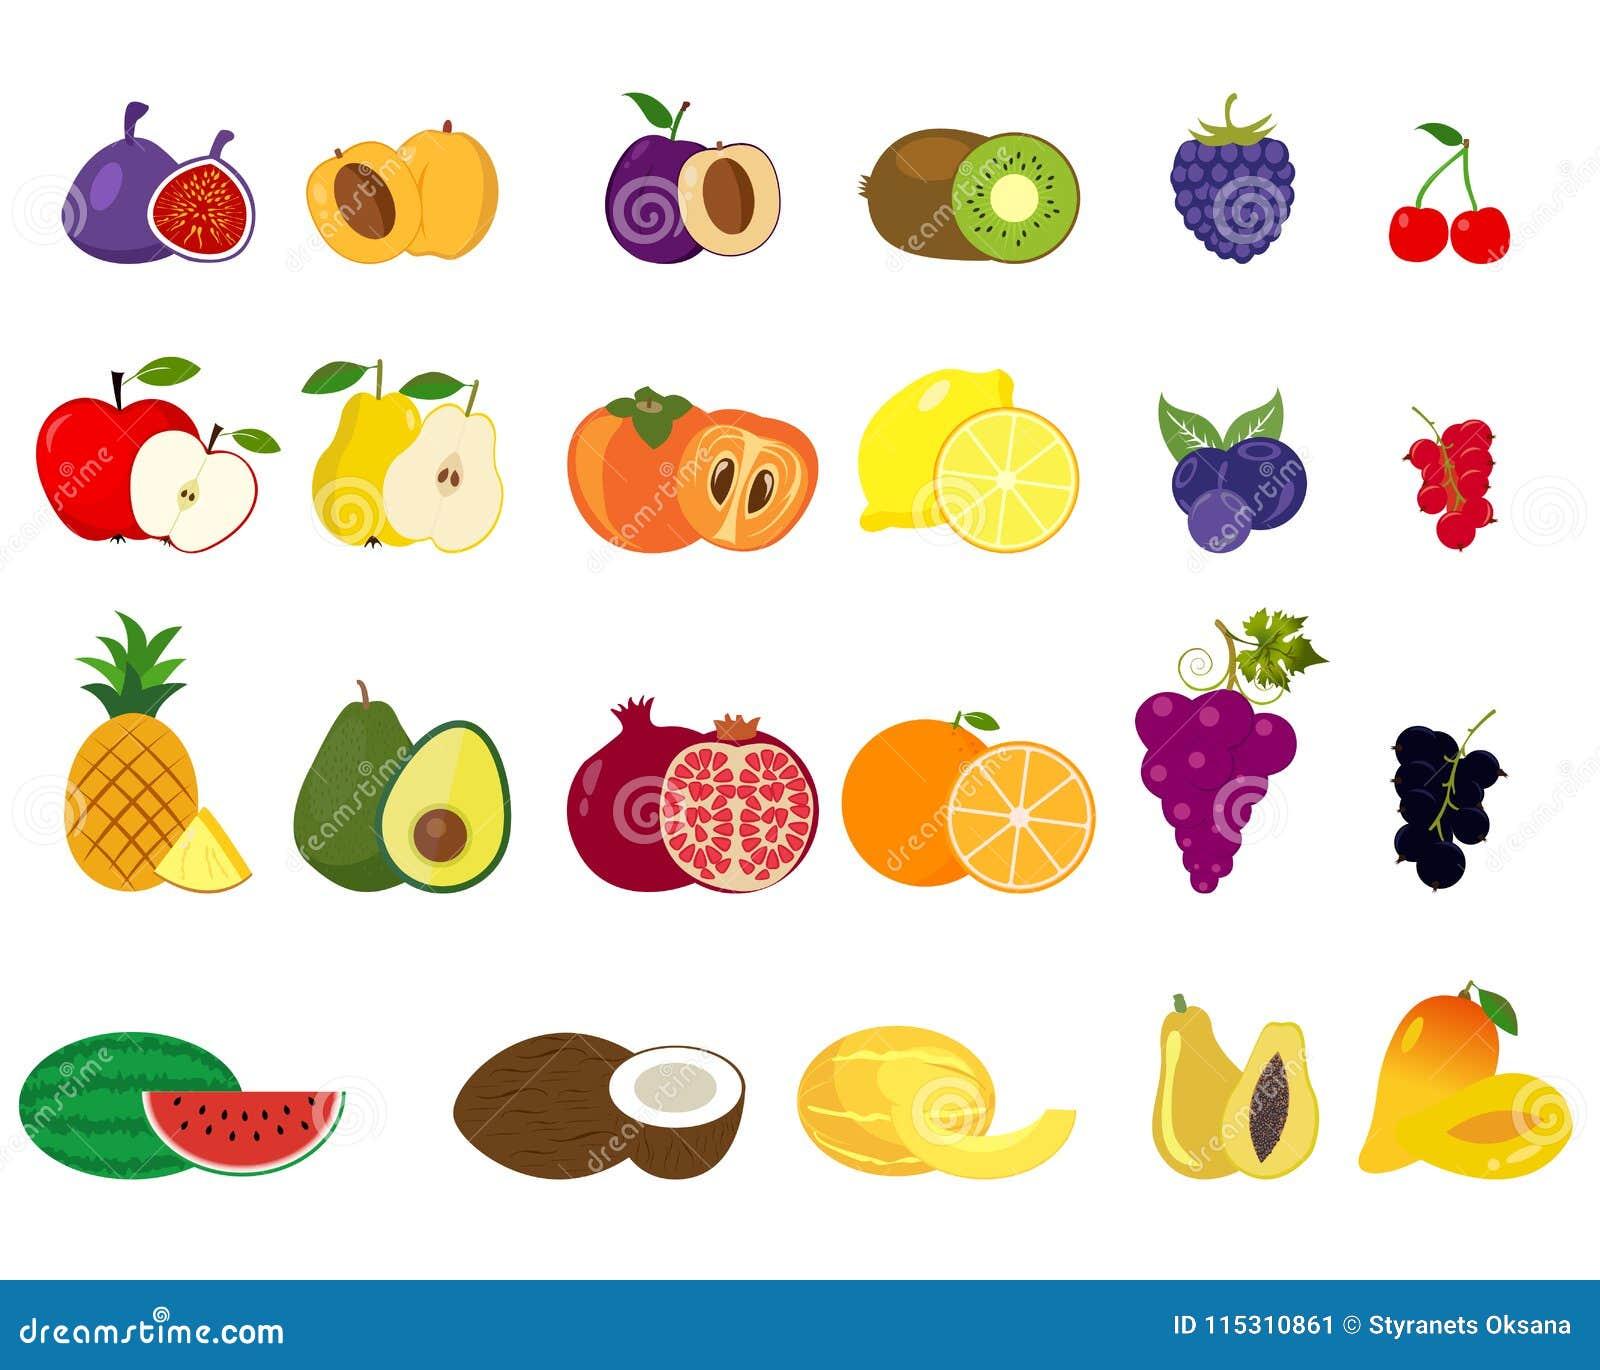 Wandbild Different Types of Fruits von Corbis in Gelb 17 Stories Format:  Leinwand umschließt Rahmen, Größe: 40 cm H x 37 cm B x 3,8 cm T   Types of  fruit, Fruit art, Fine art paper